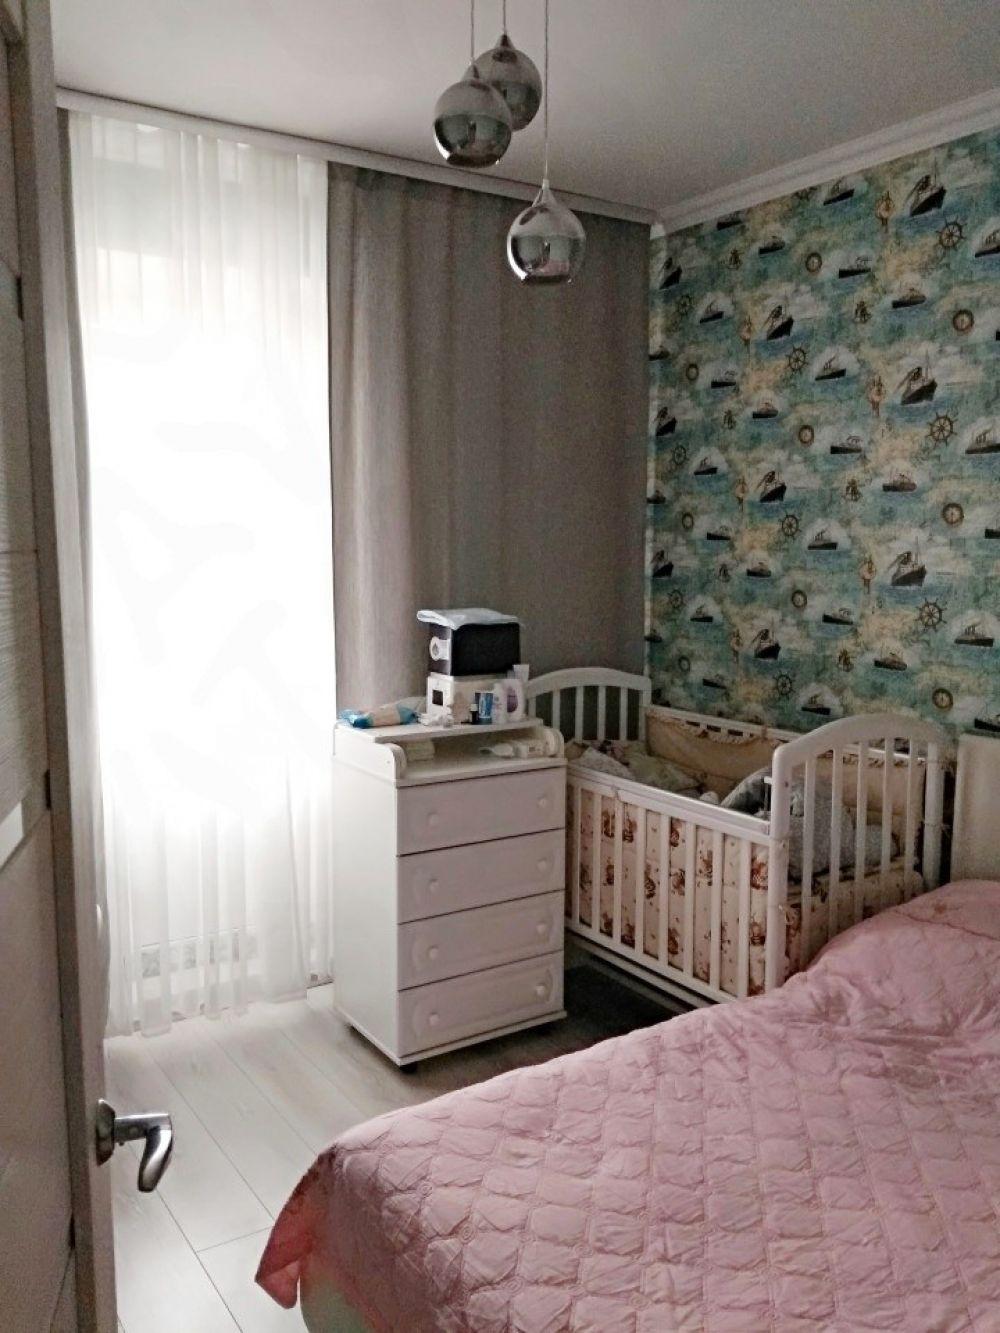 1-к квартира, Щёлково, Богородский, 19, фото 14